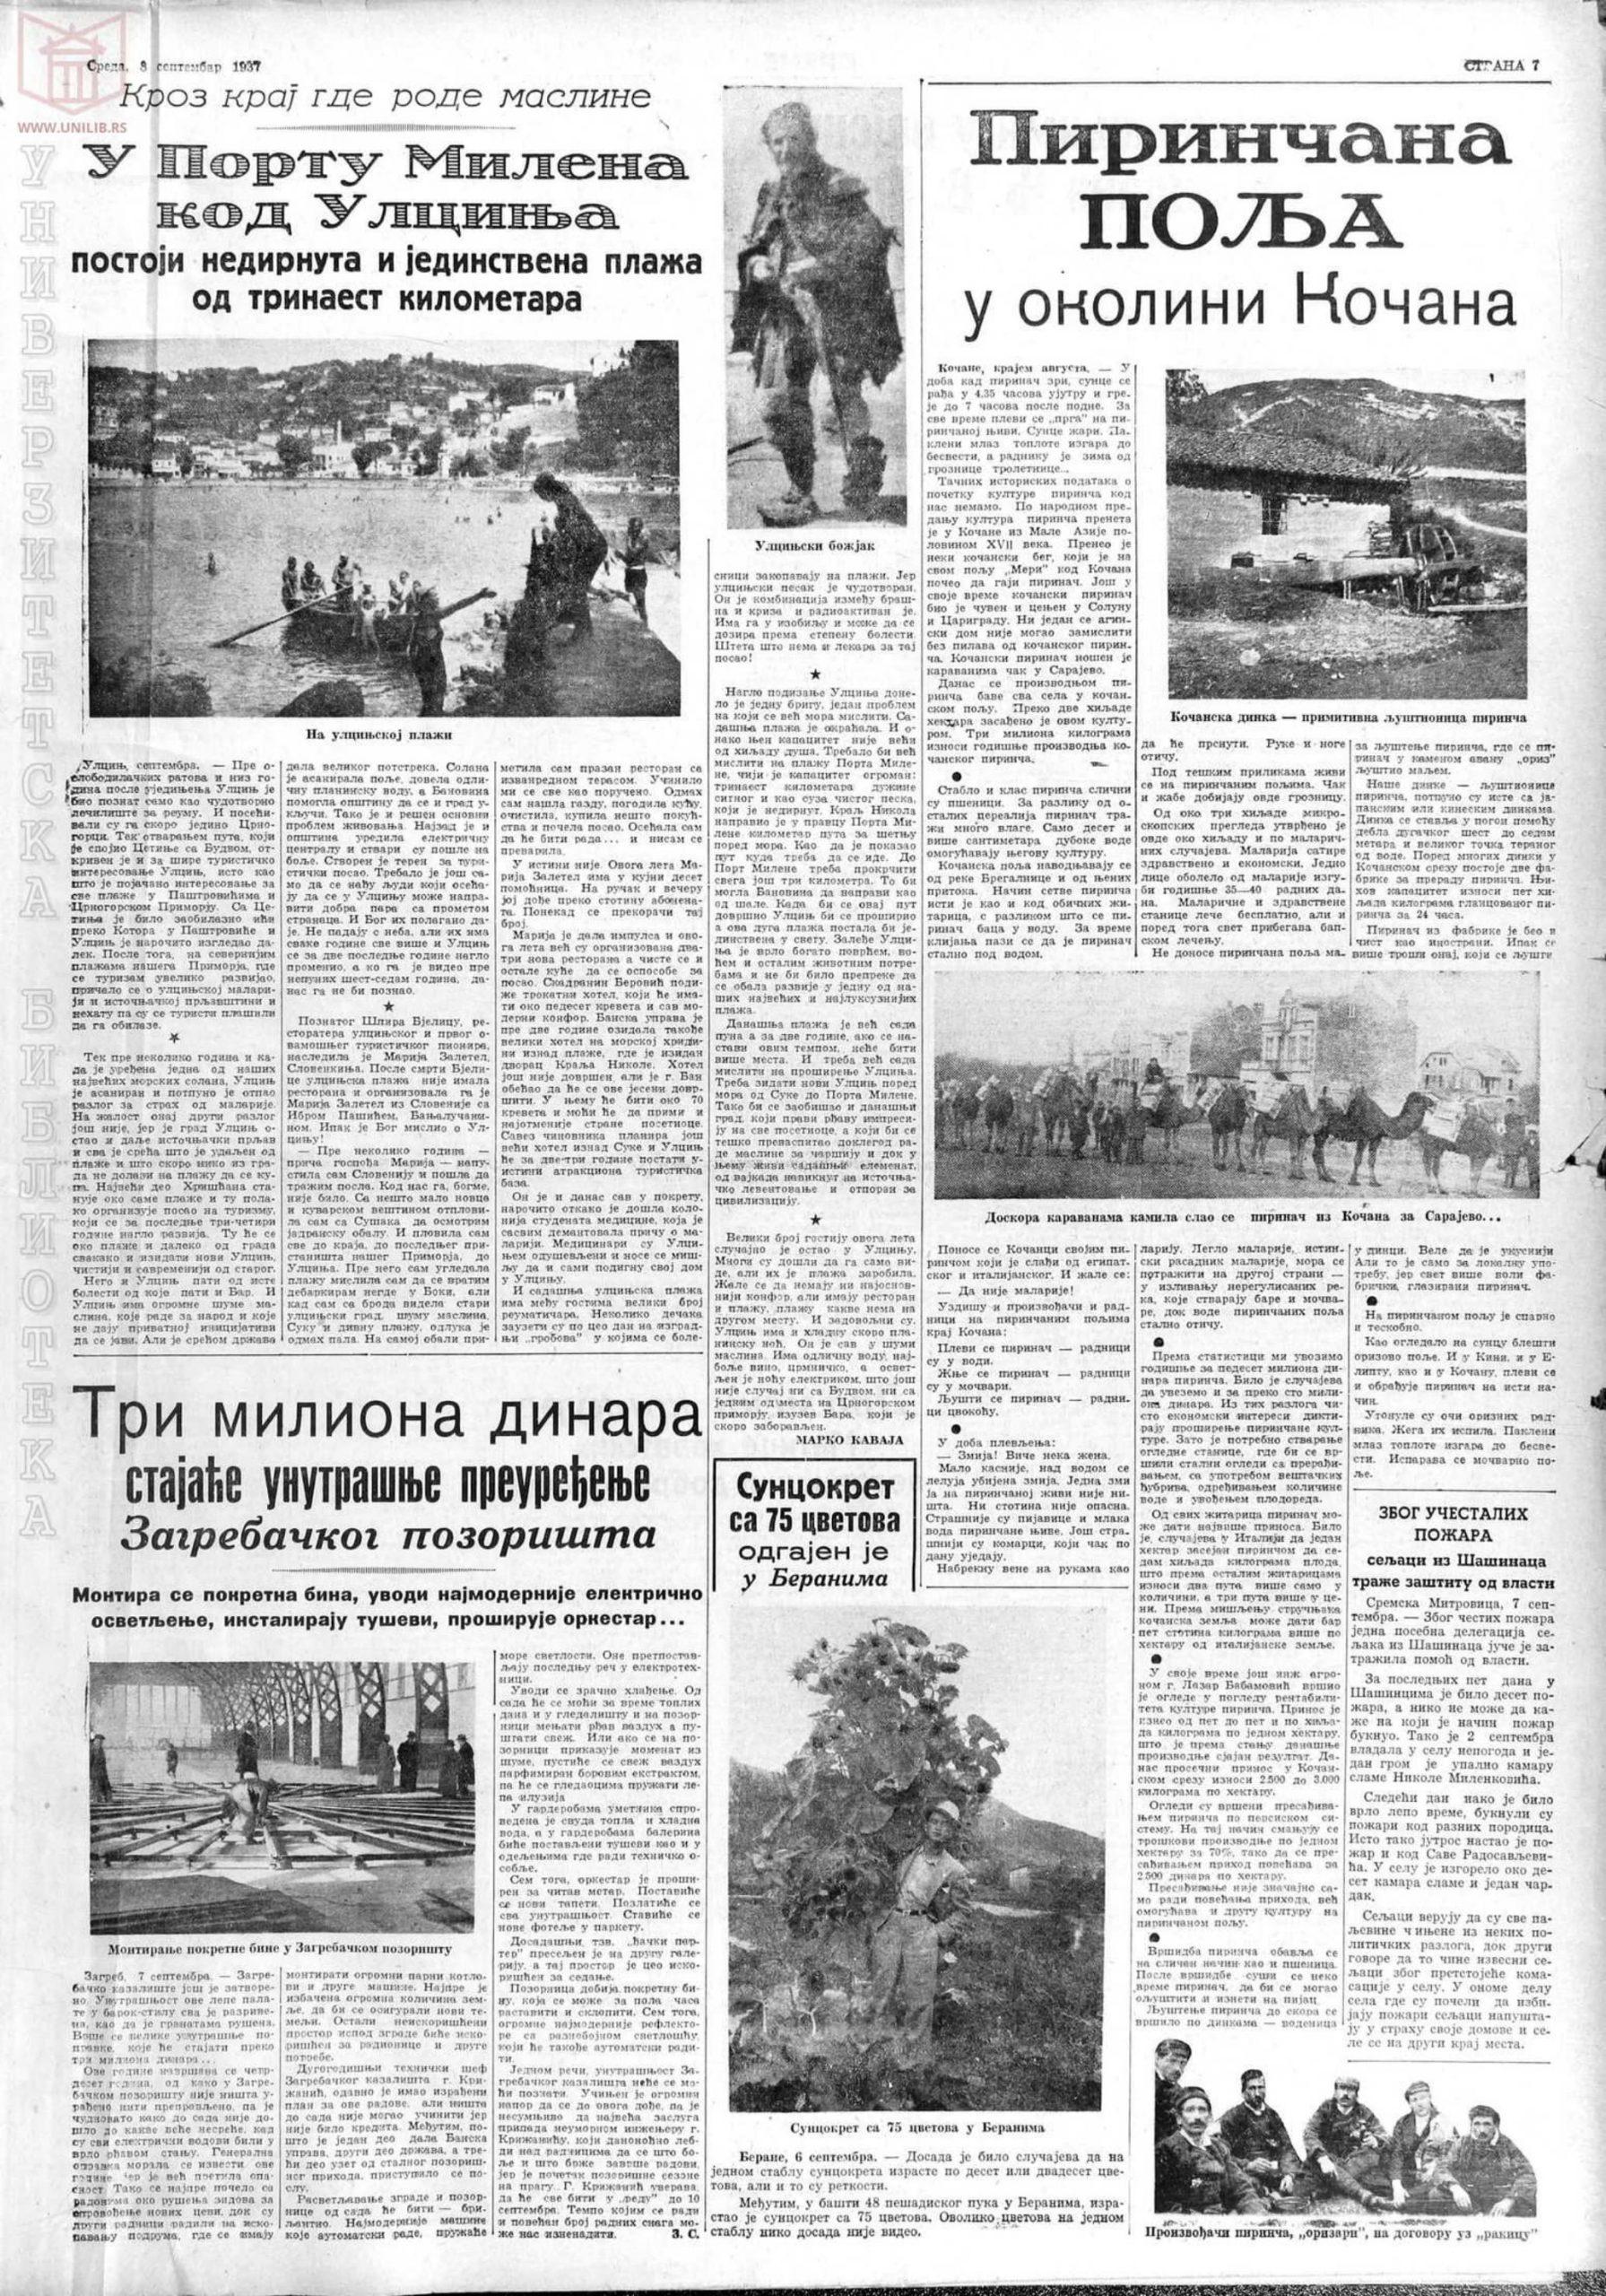 Vreme 08.09.1937 p7-1